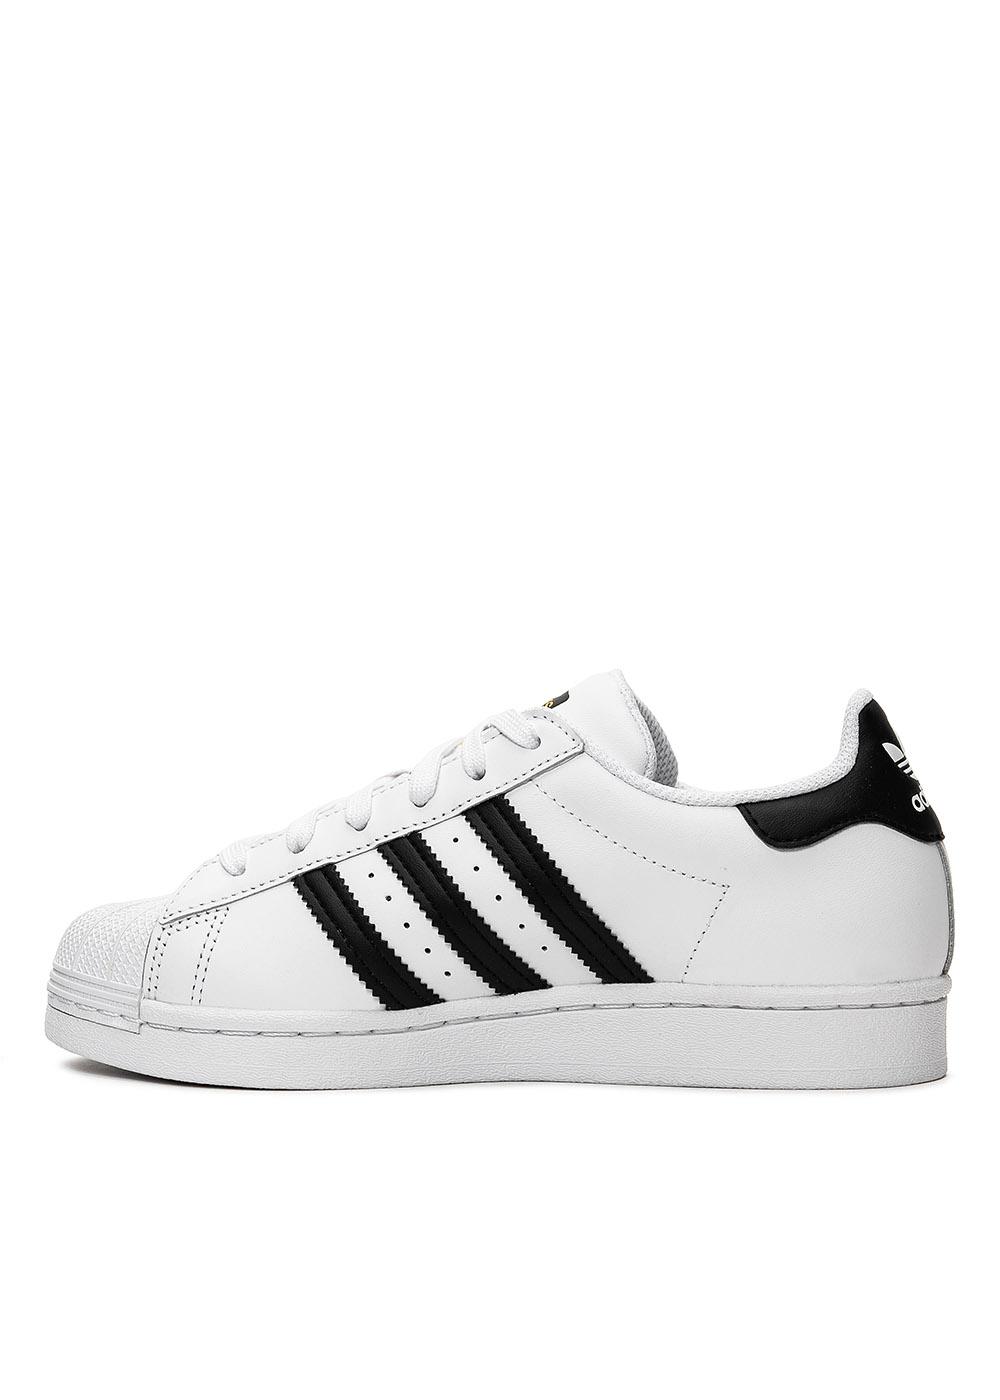 Buty sportowe Adidas Superstar J (FU7712) 209,98 zł